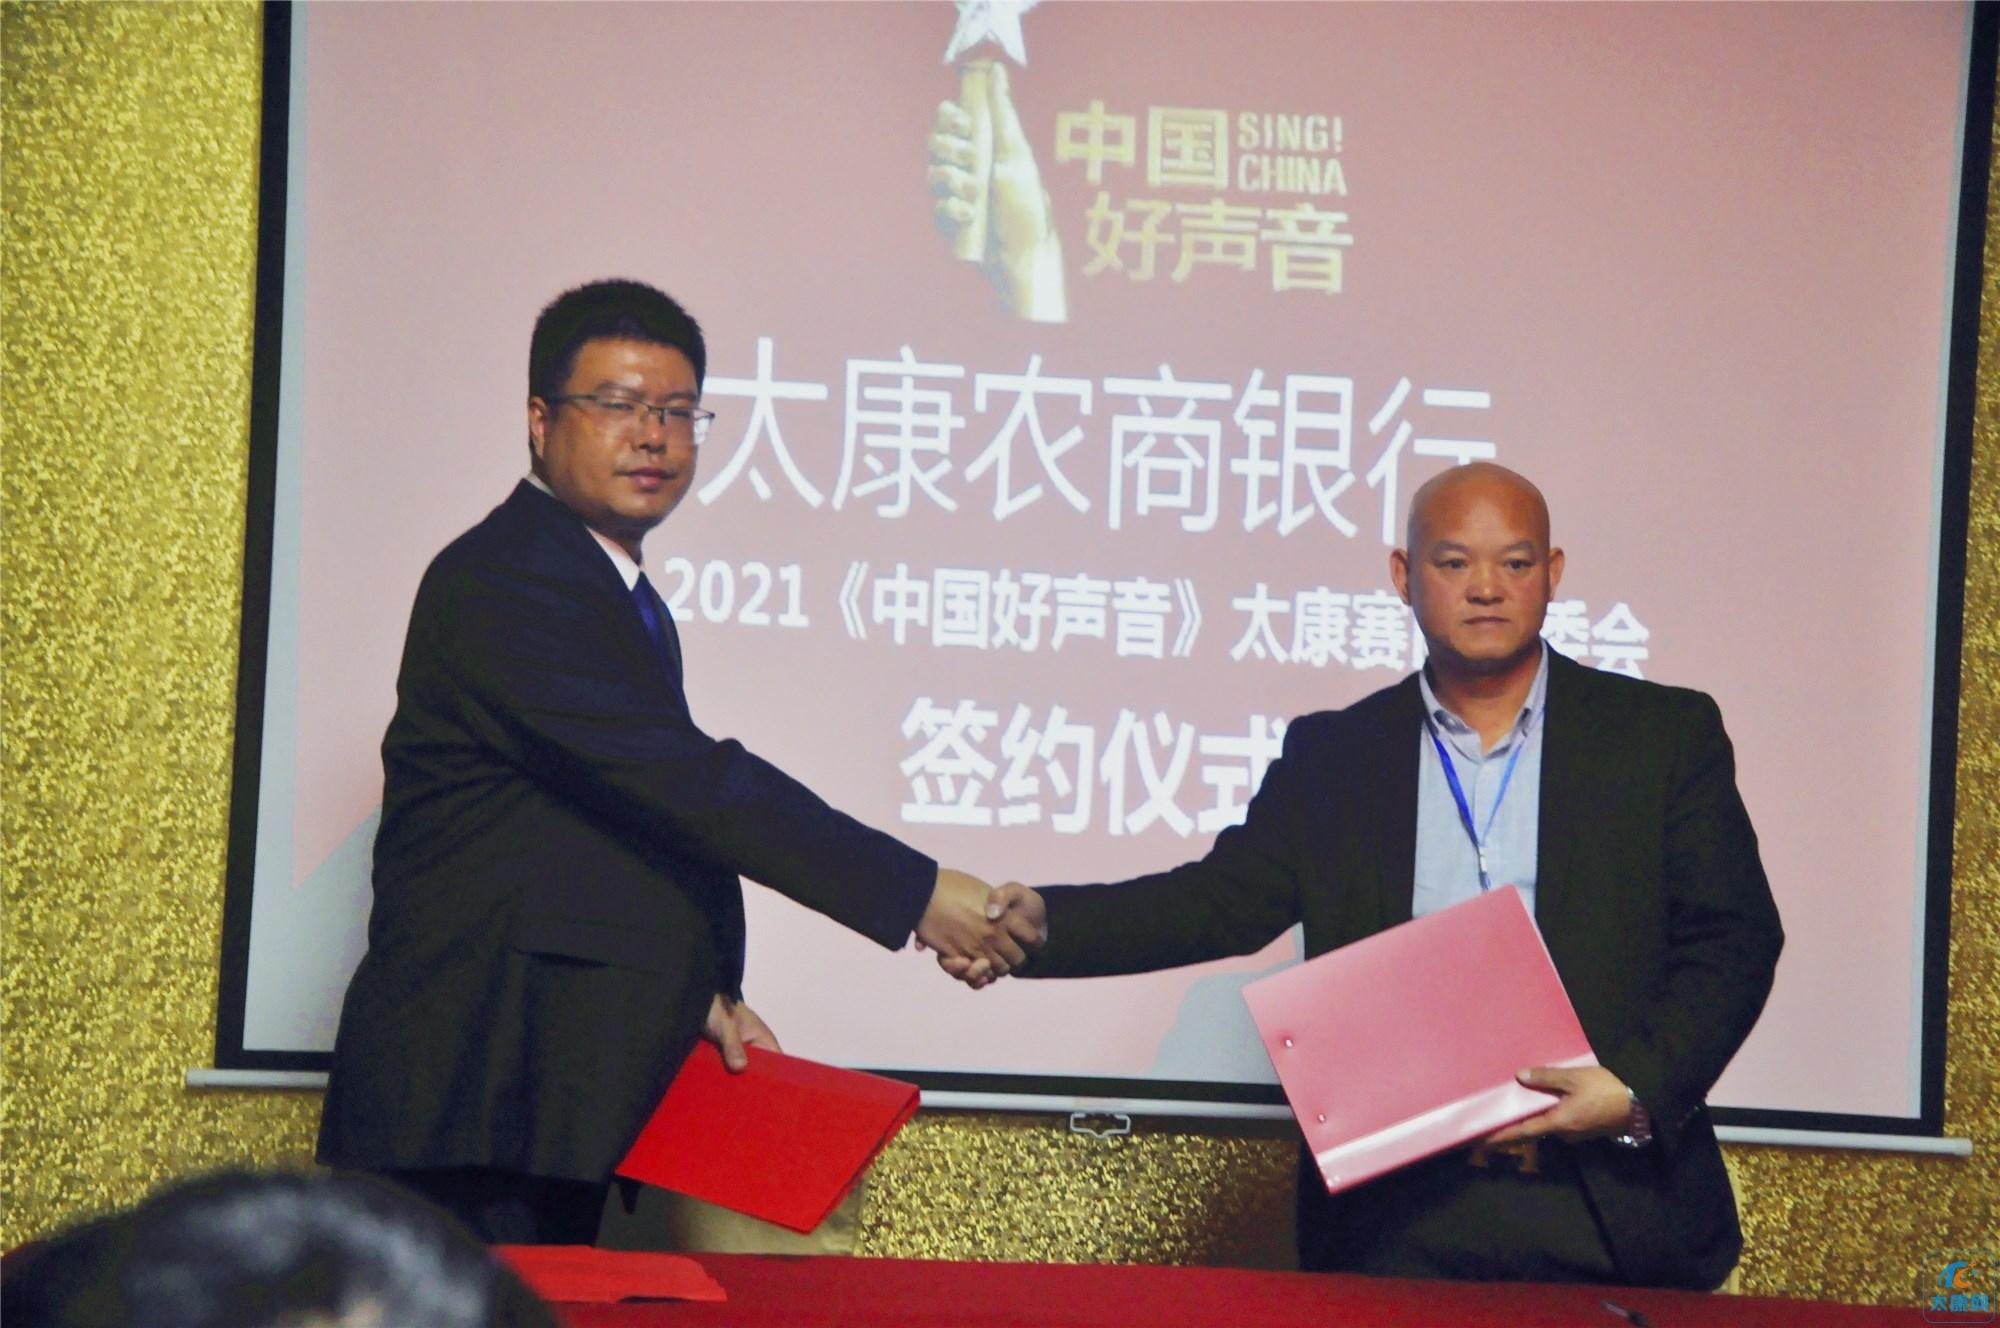 中国好声音海选太康站正式启动暨太康农商银行签约仪式